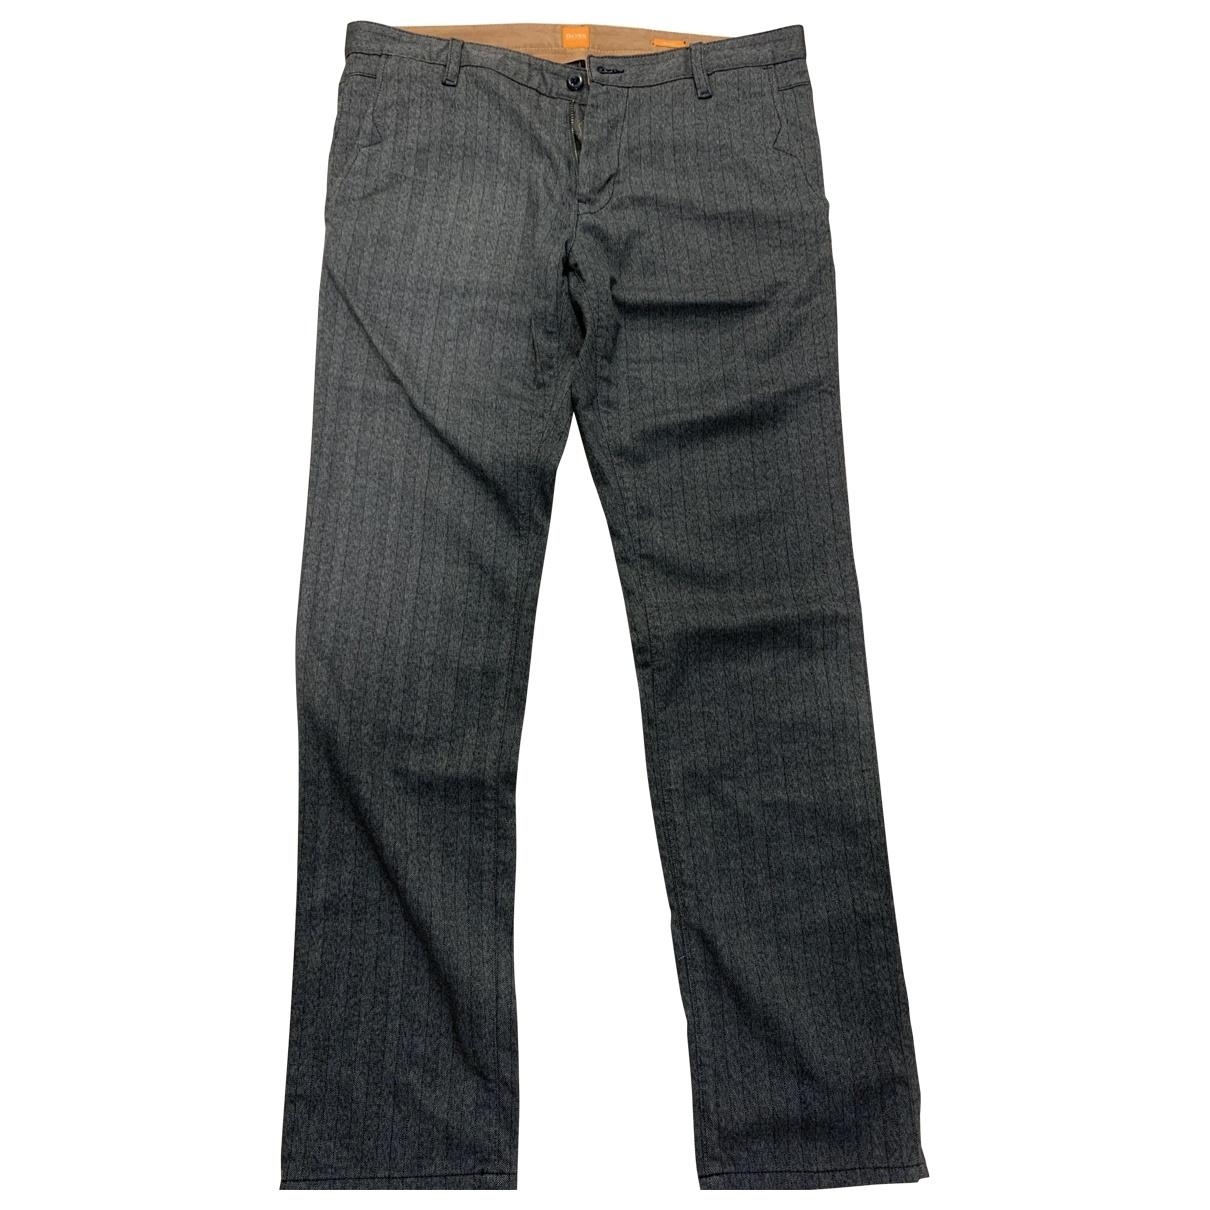 Pantalones en Algodon Gris Boss